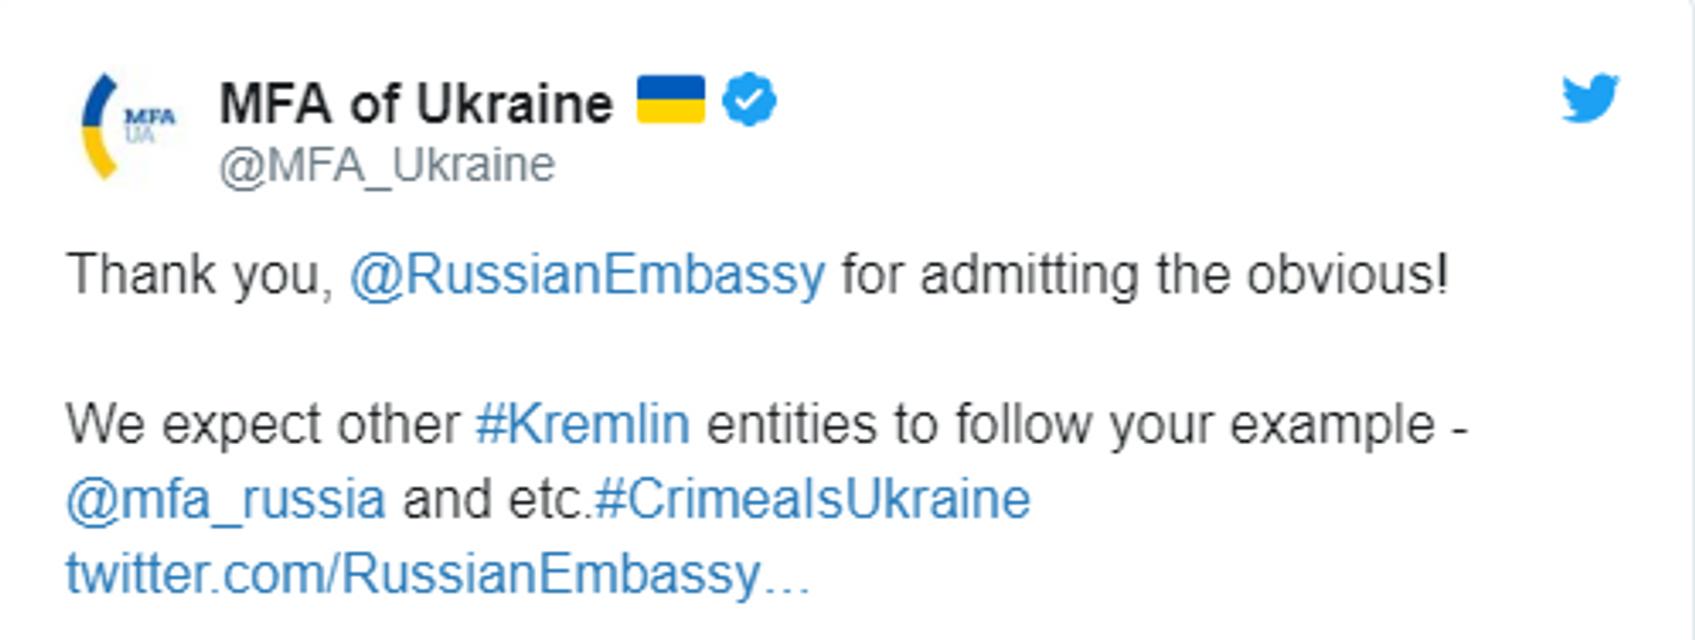 Посольство РФ признало Крым Украиной   - ФОТО - фото 184573